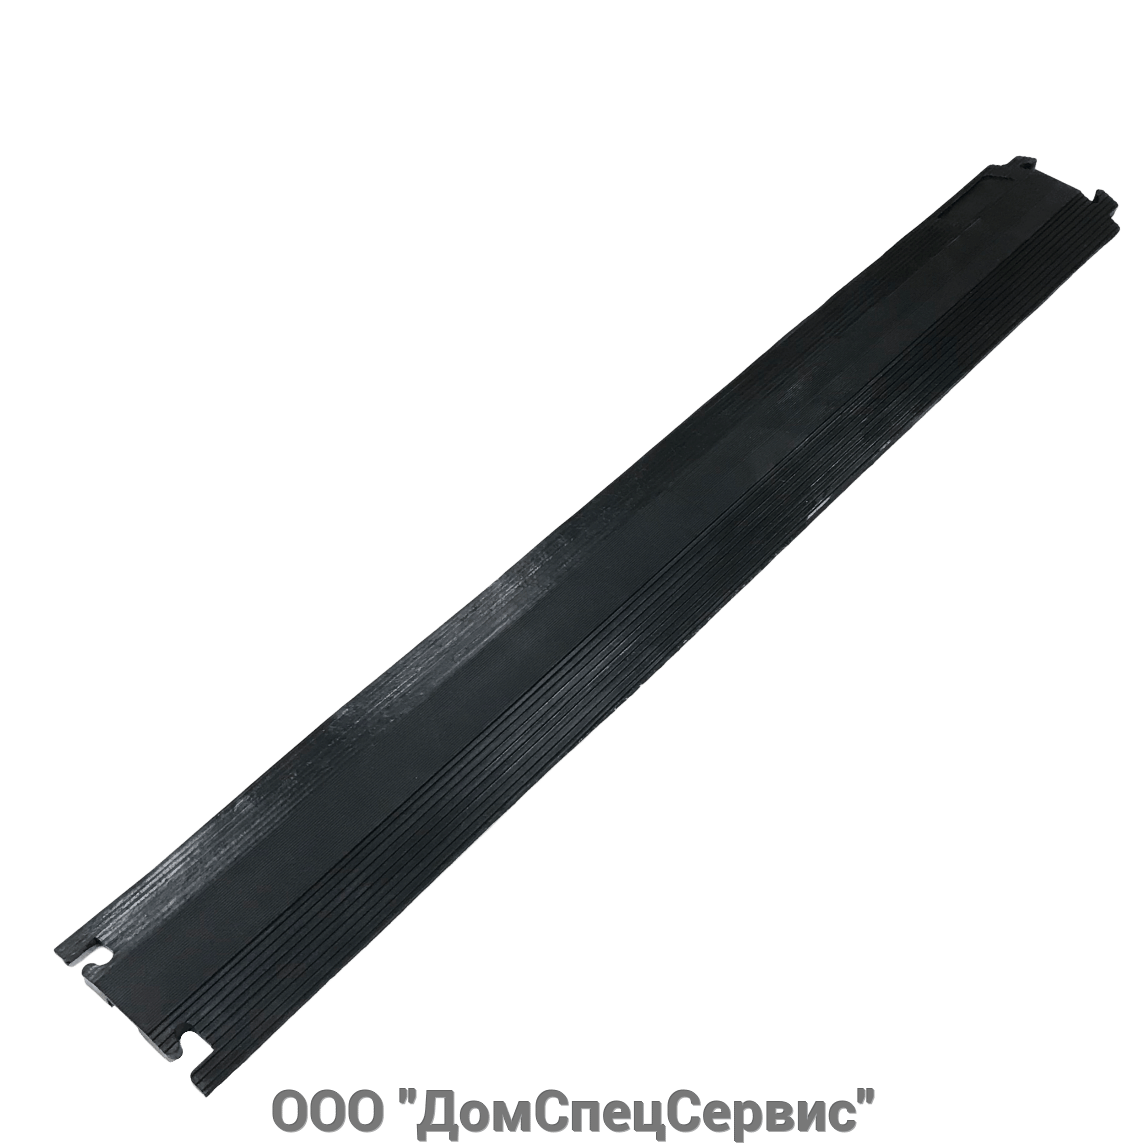 Спешим сообщить, что у нас в ассортименте появились новые модели кабель-каналов из резины, которые многие ждали! А именно: - фото pic_043dd30209d96e19df44eef66a36a687_1920x9000_1.png